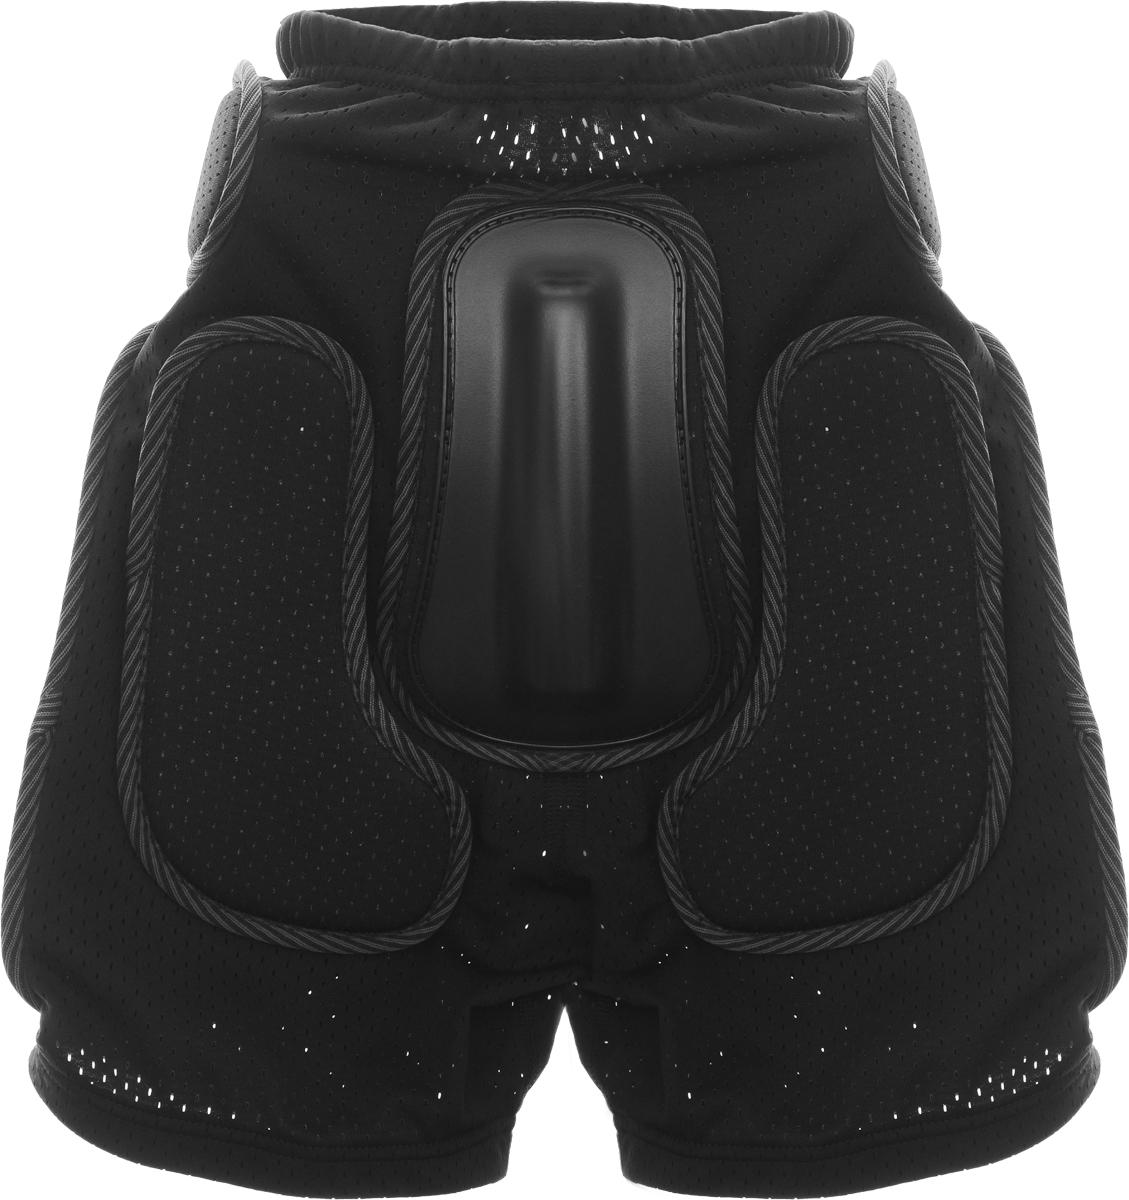 Фото - Шорты защитные Biont Комфорт, цвет: черный, размер XS самосбросы горнолыжные biont цвет черный размер l 48 50